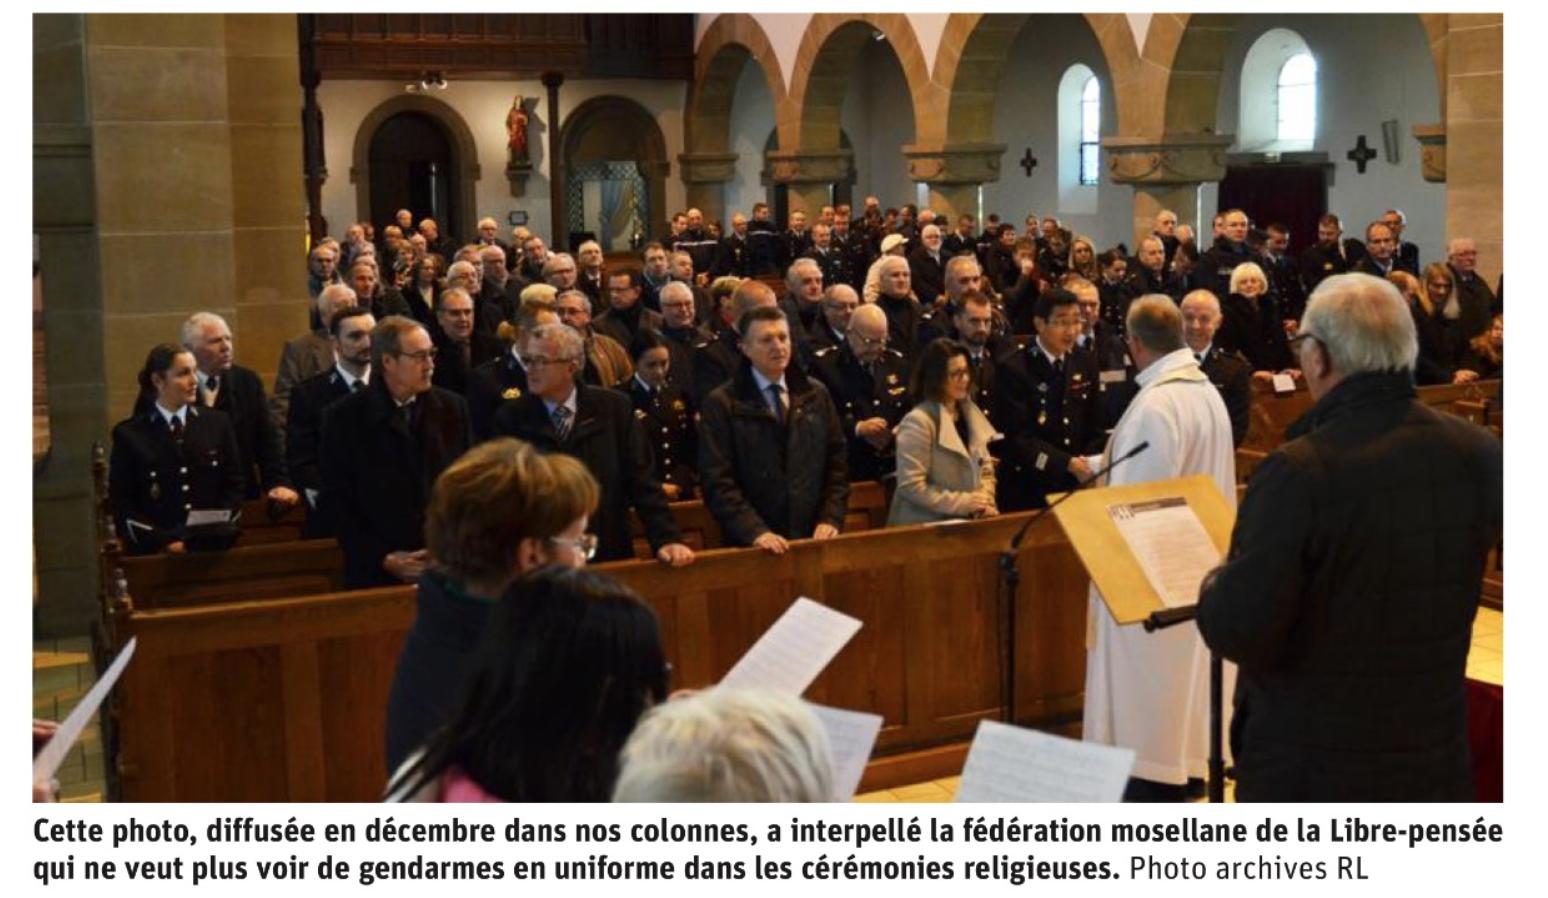 La Libre pensée veut interdire les gendarmes en uniforme pour la  Sainte Geneviève leur patronne